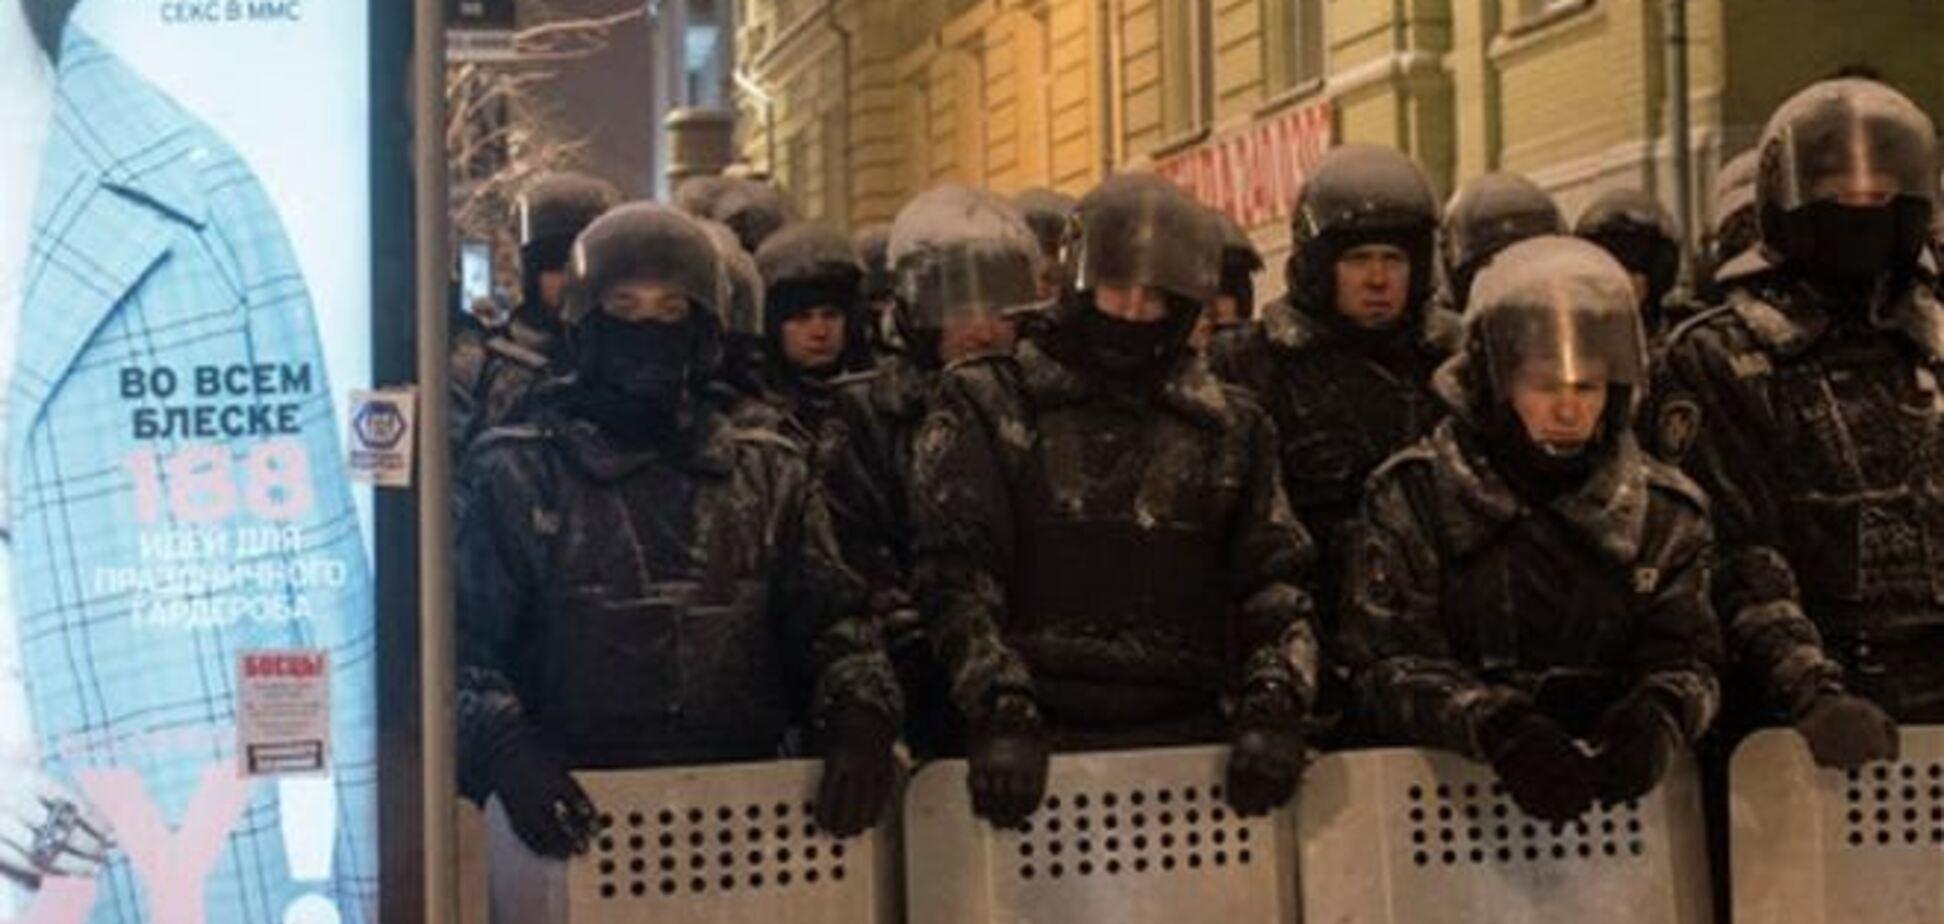 В оппозиции говорят о подготовке ночной зачистки Евромайдана